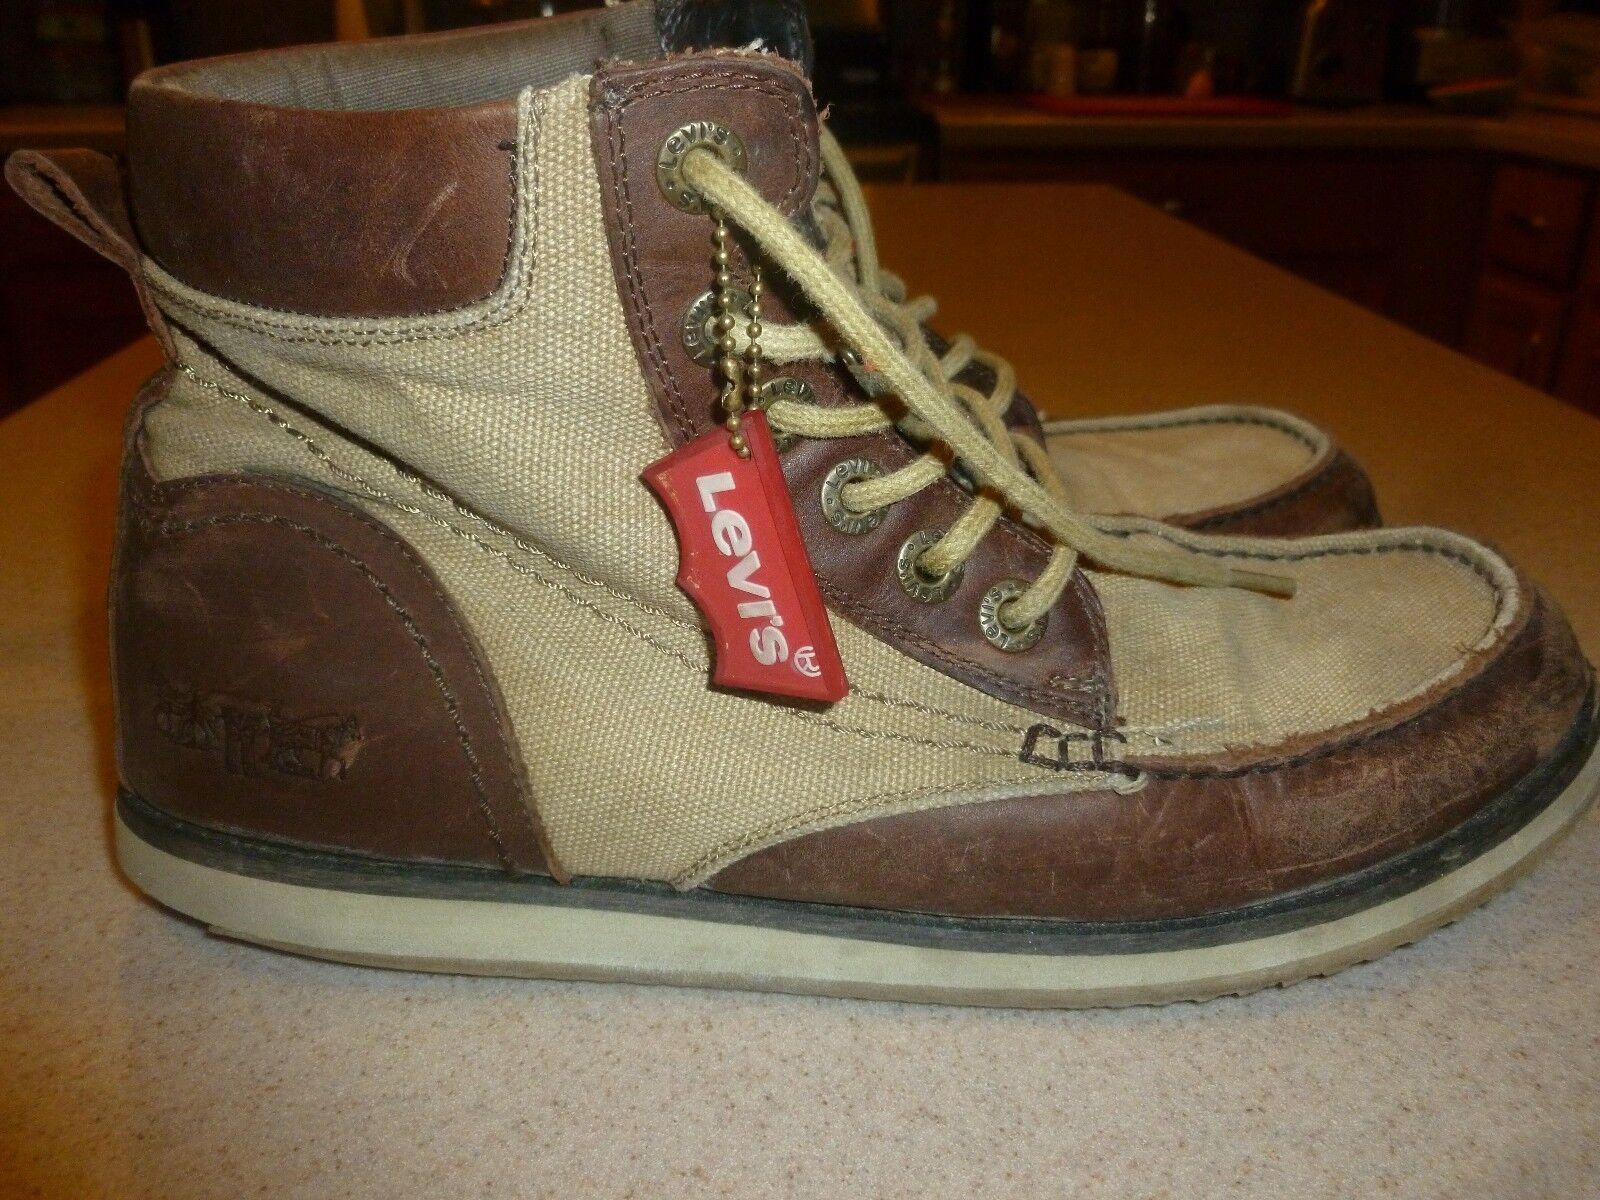 Vintage Levis Canvas & Leather Boots Shoes Mens sz